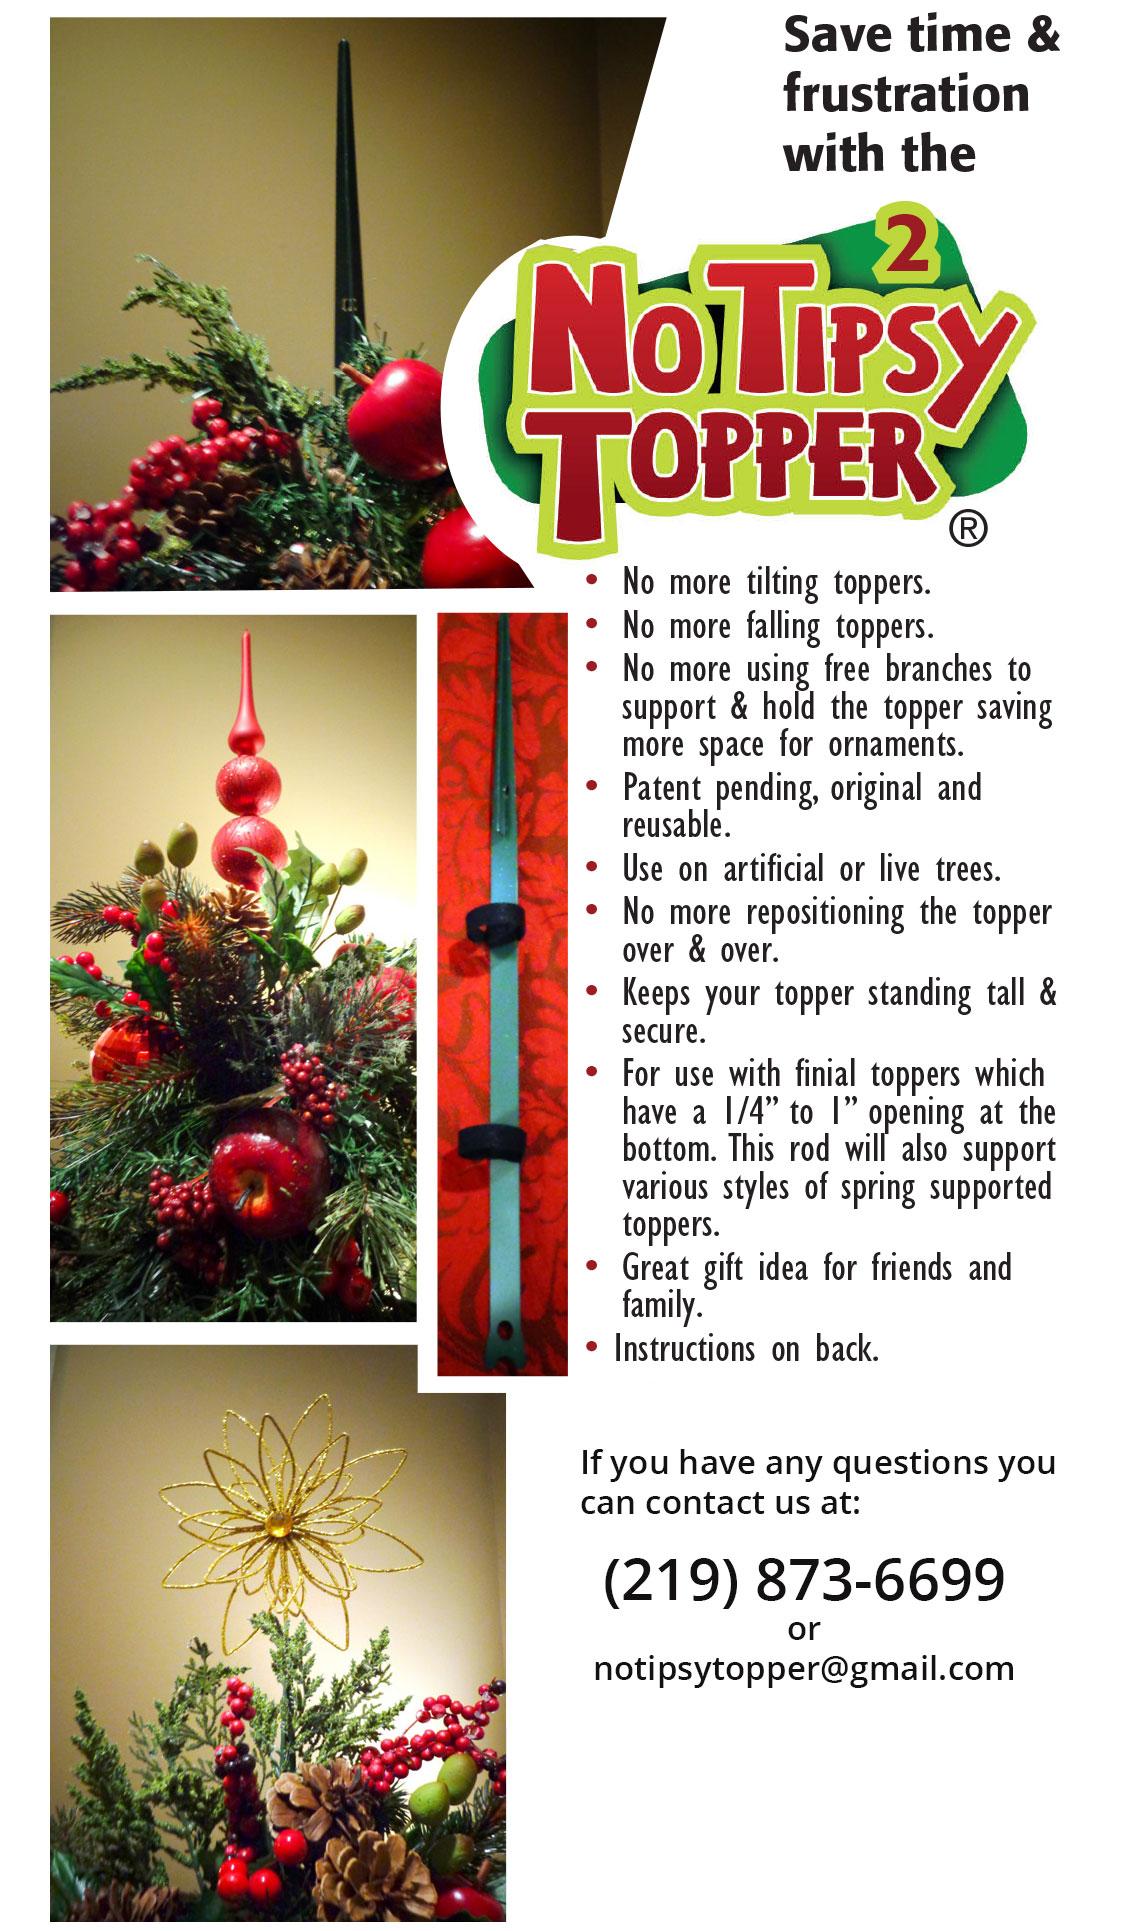 Tipsy-Topper-#2-1